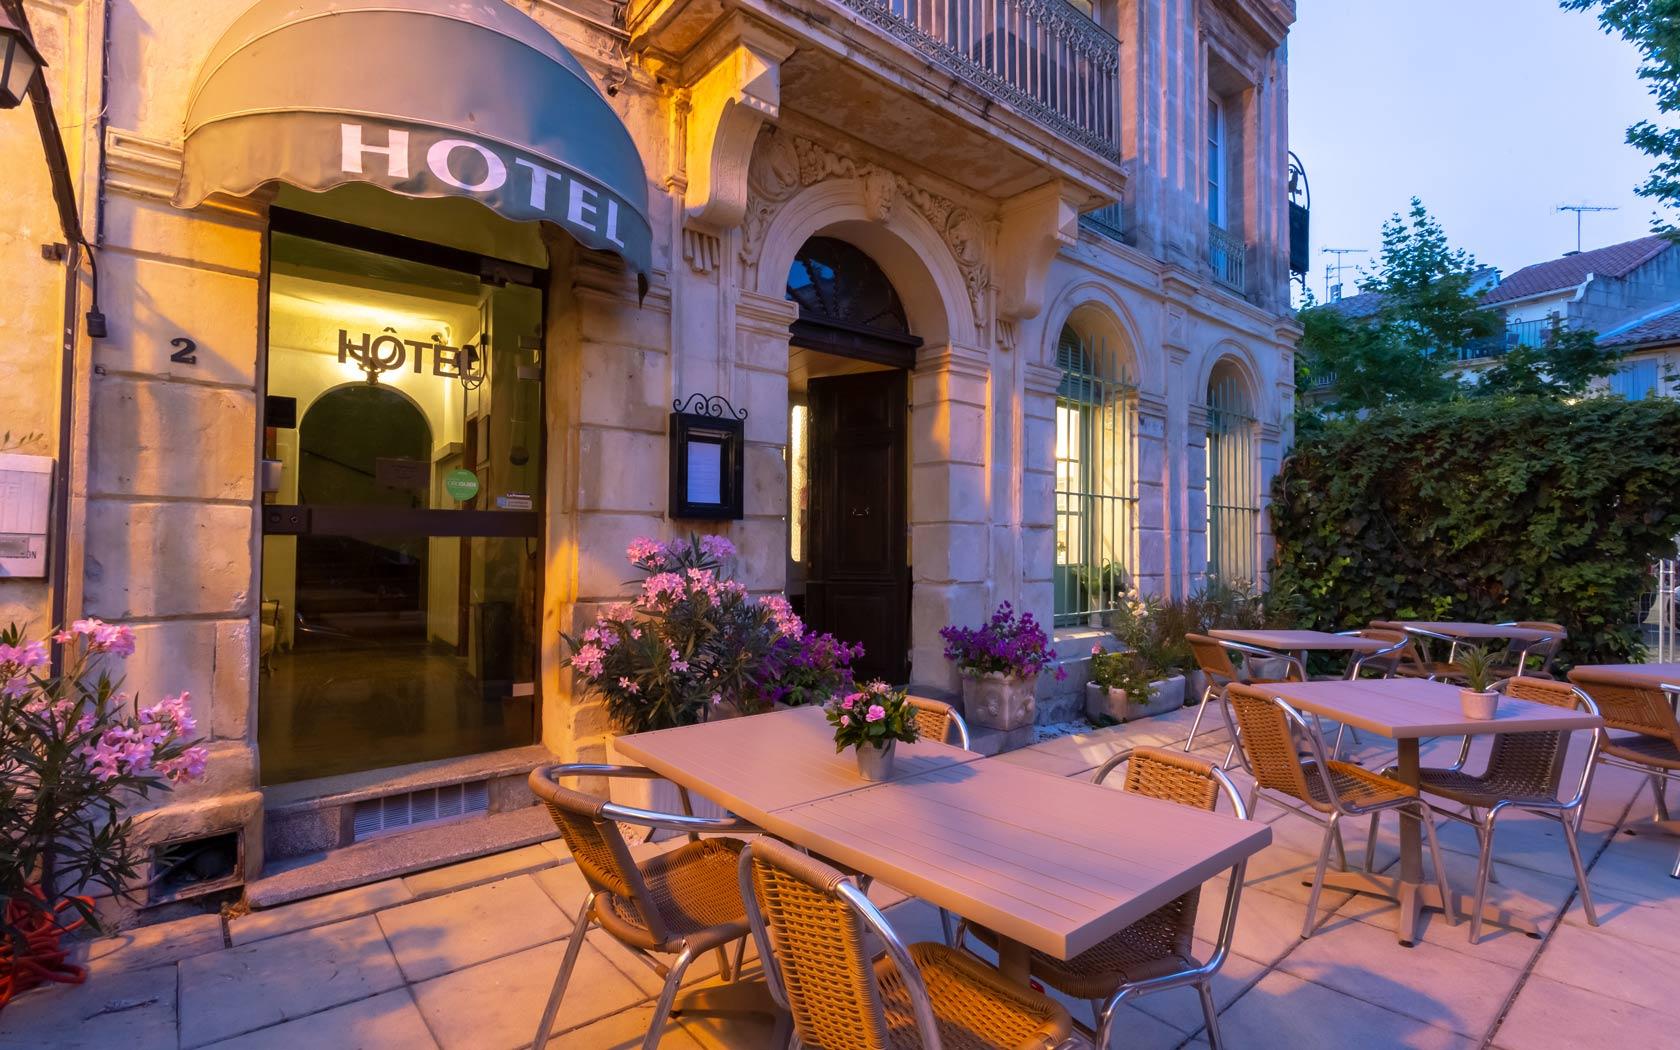 Relais-de-poste_hotel-9